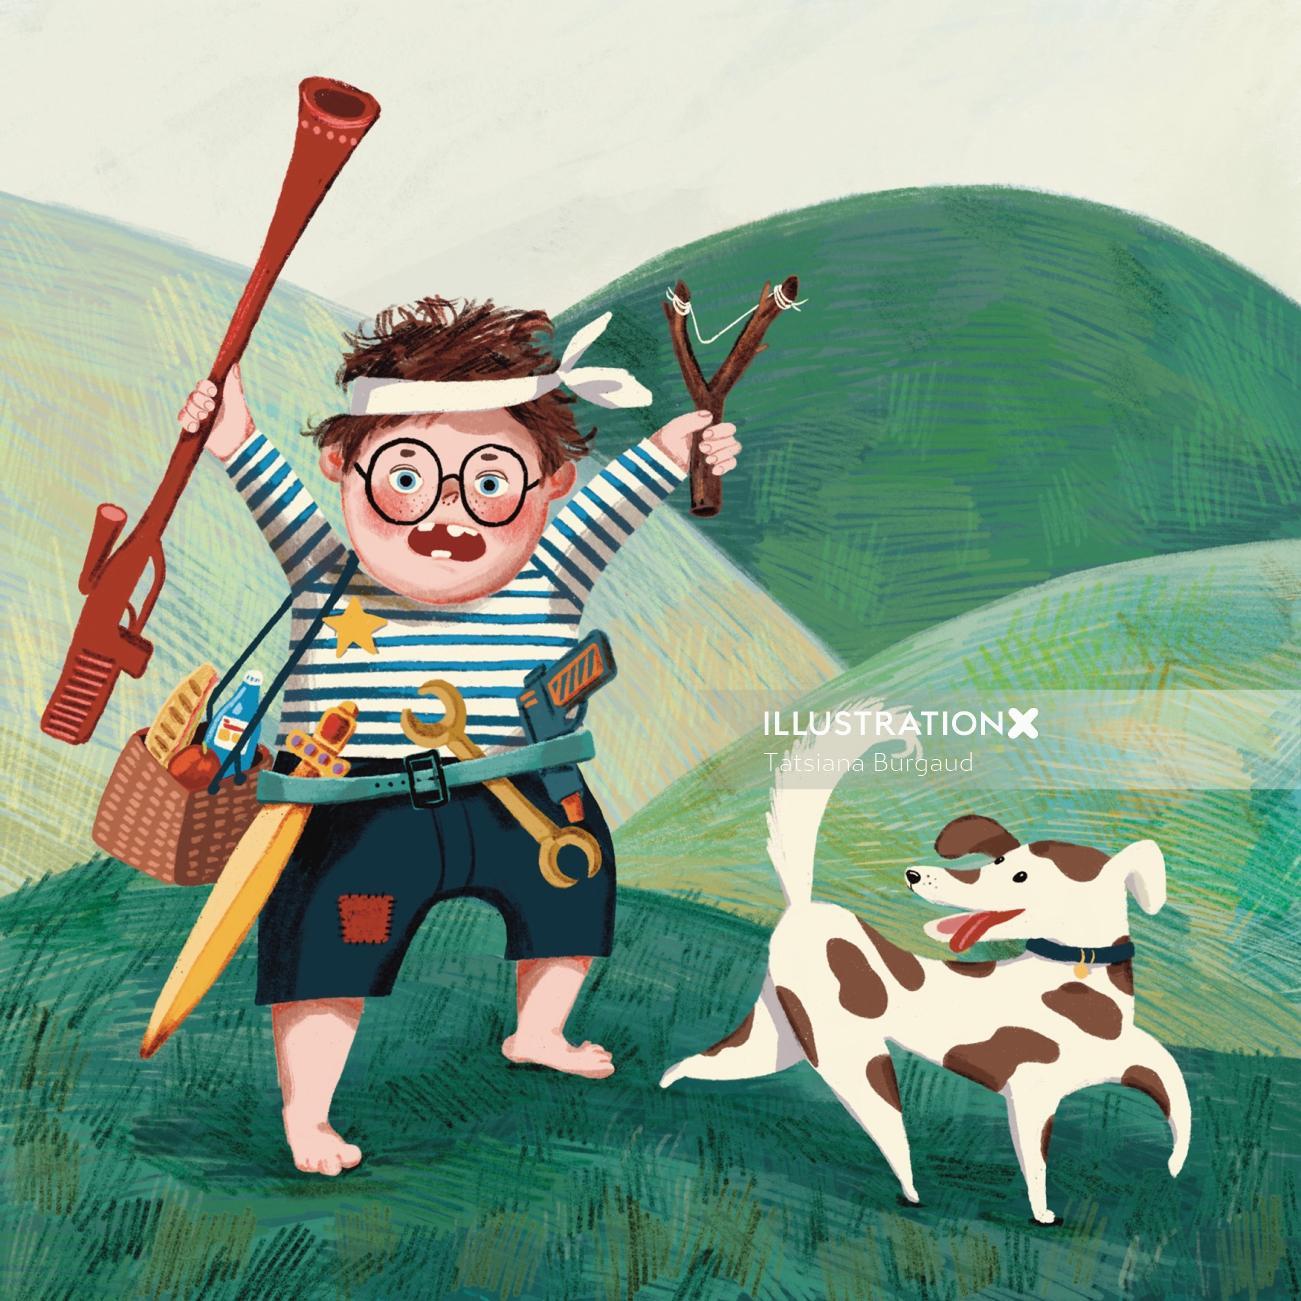 boy, gun, dog, adventure, pirate, snack, illustration